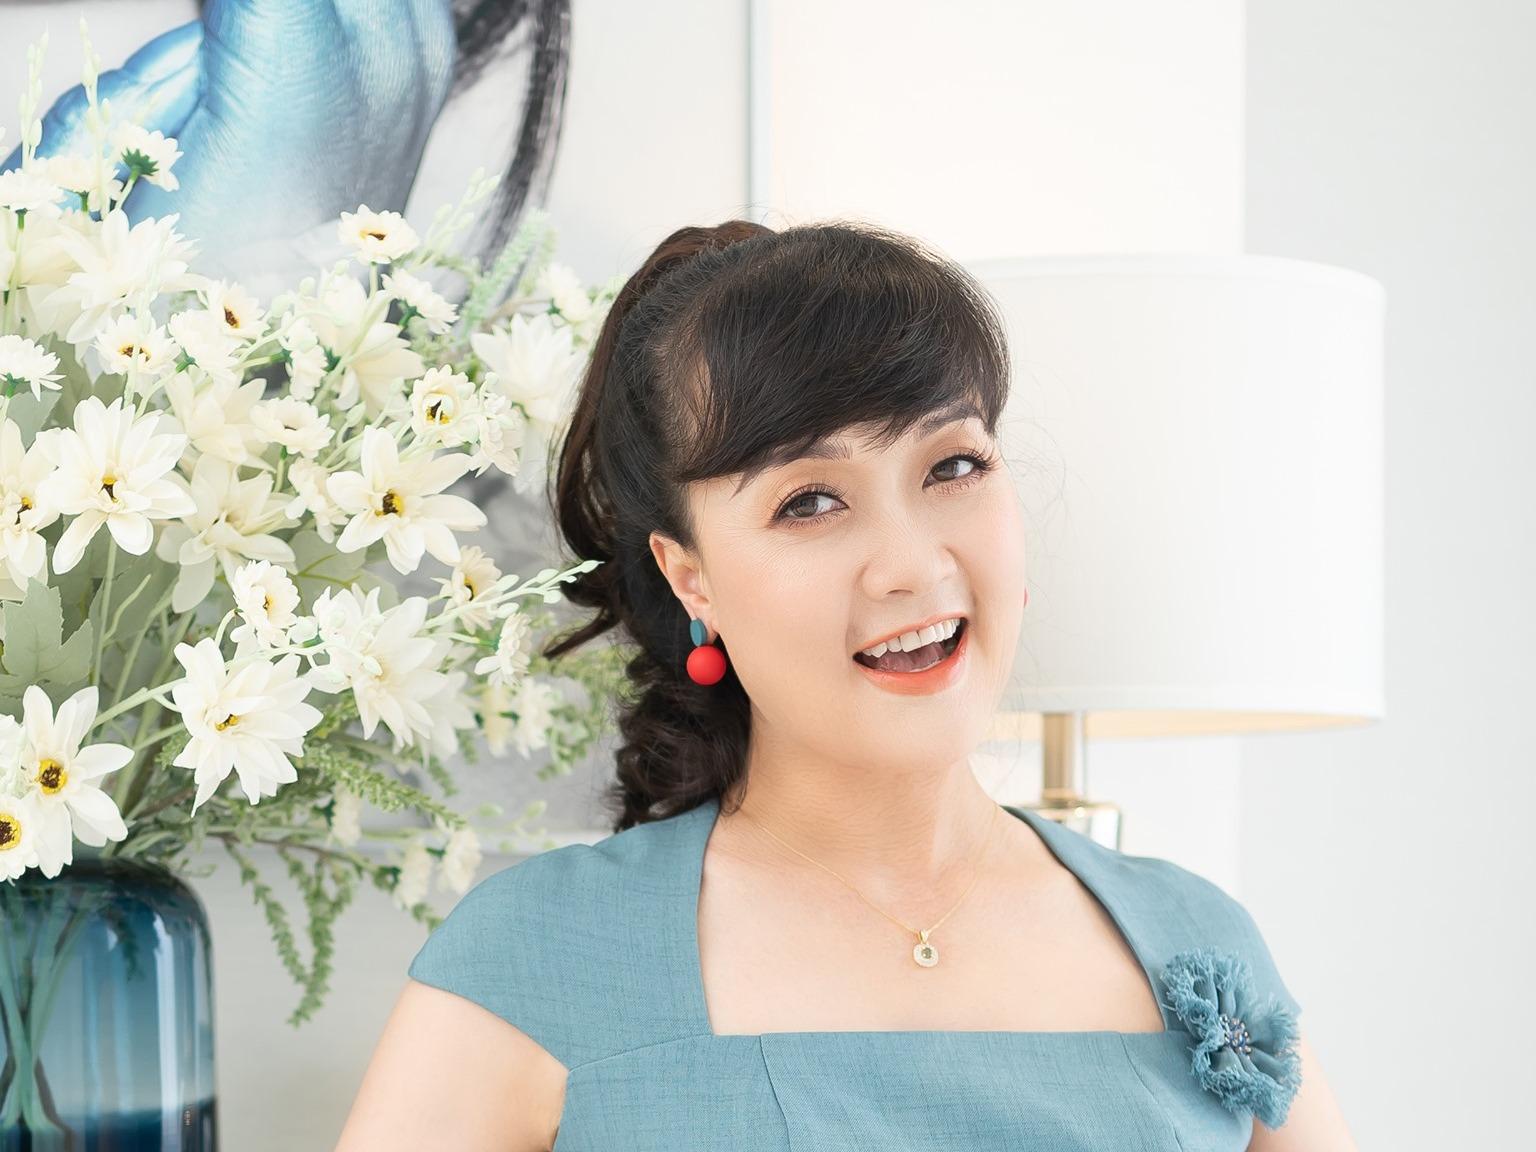 'Táo' Vân Dung U50 tuổi xinh như công chúa, còn tuyên bố: '3 việc không thể ngừng được, đó là: Học hành, xinh đẹp và kiếm tiền'